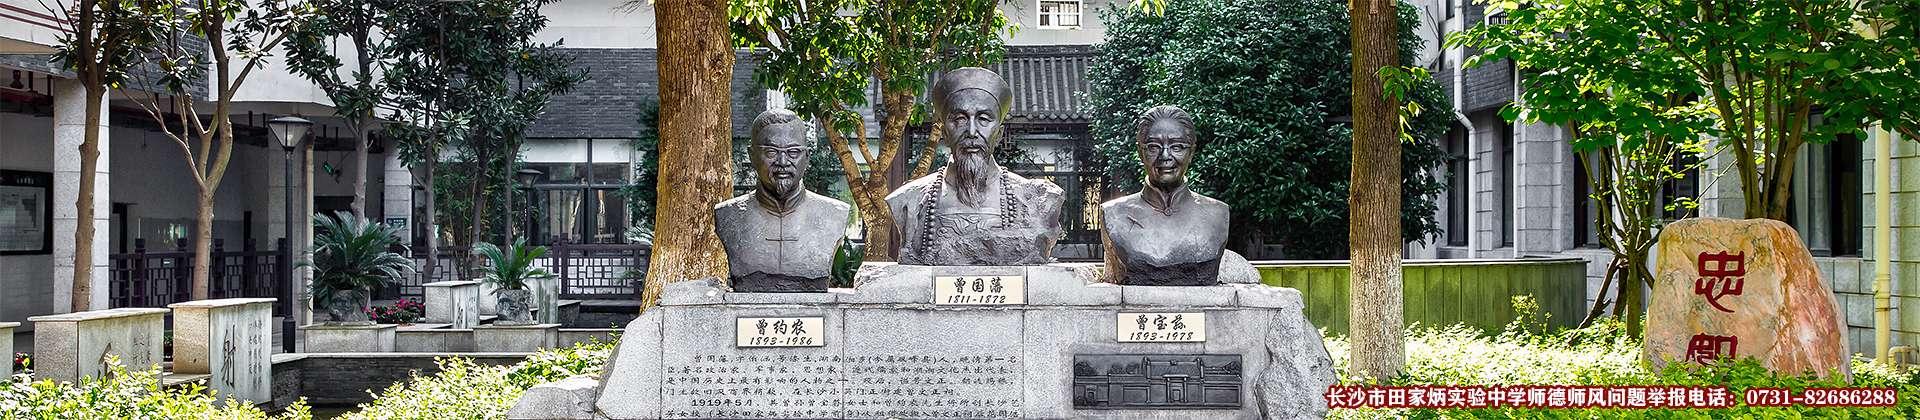 """383班:长沙市田家炳实验中学""""曾国藩家书""""征文活动"""